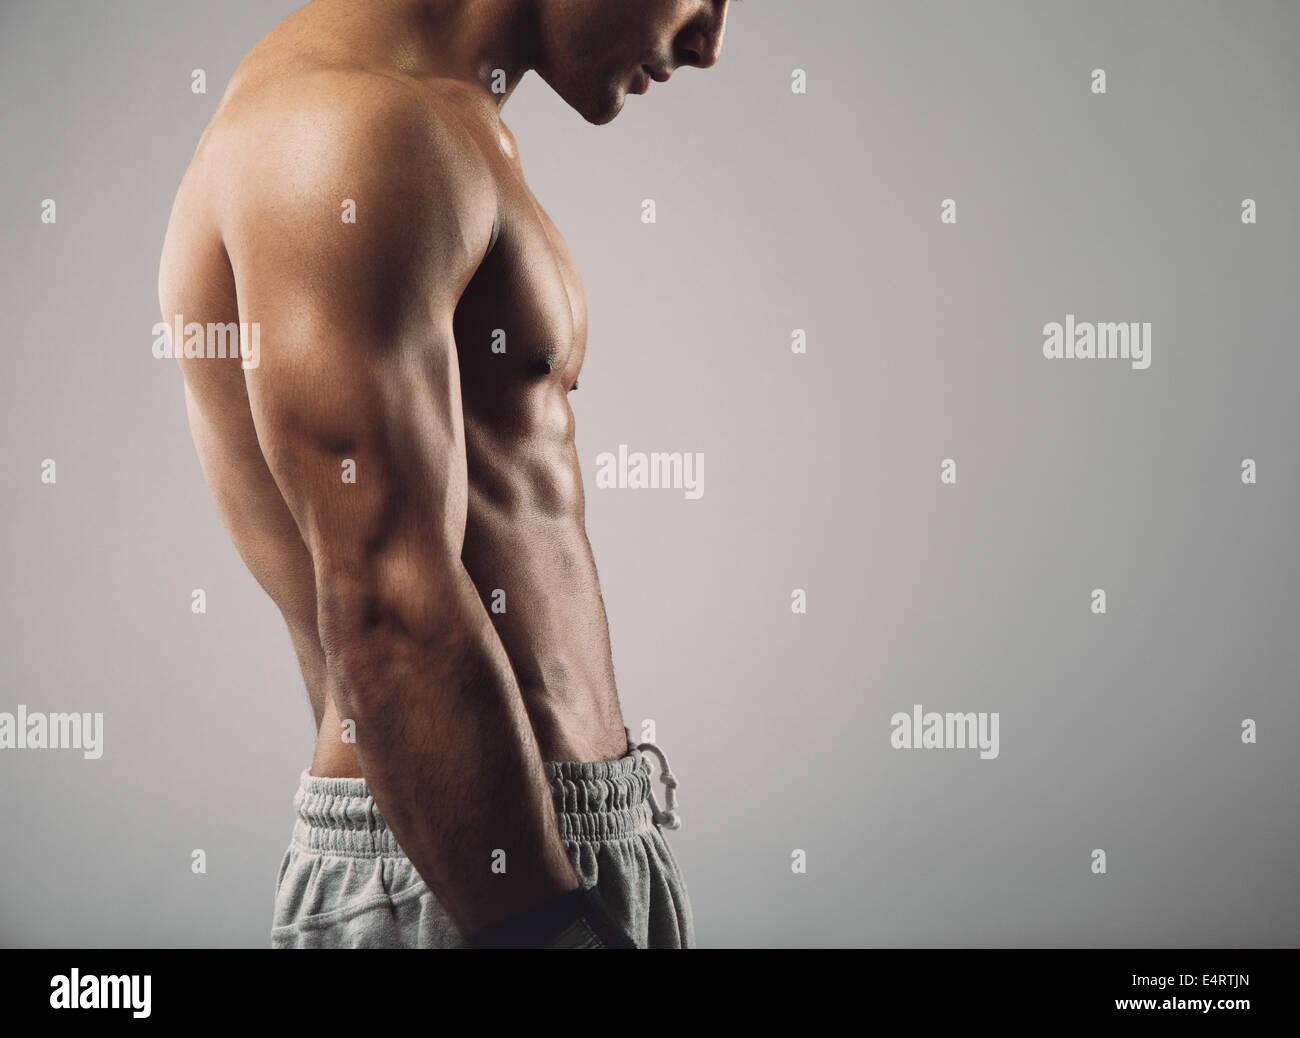 Immagine ritagliata della muscolatura giovane uomo torso su sfondo grigio con copia spazio. Immagini Stock